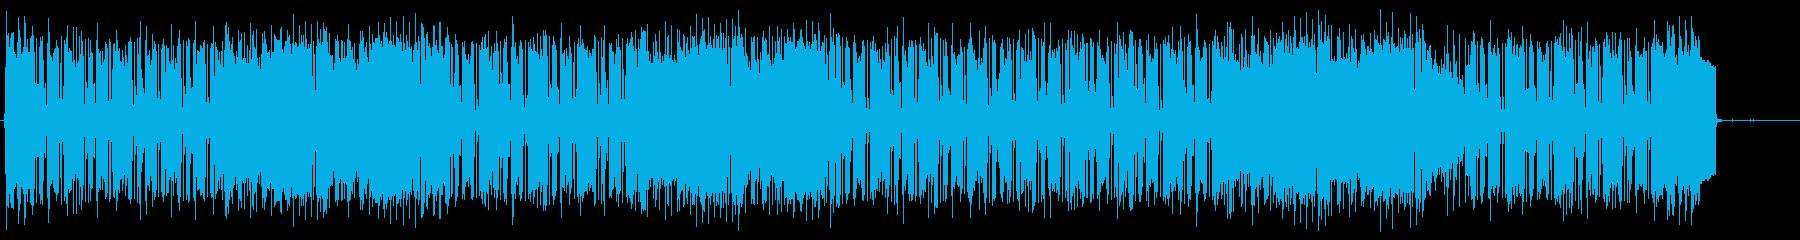 近未来的で怪しげな魅力のテクノポップスの再生済みの波形